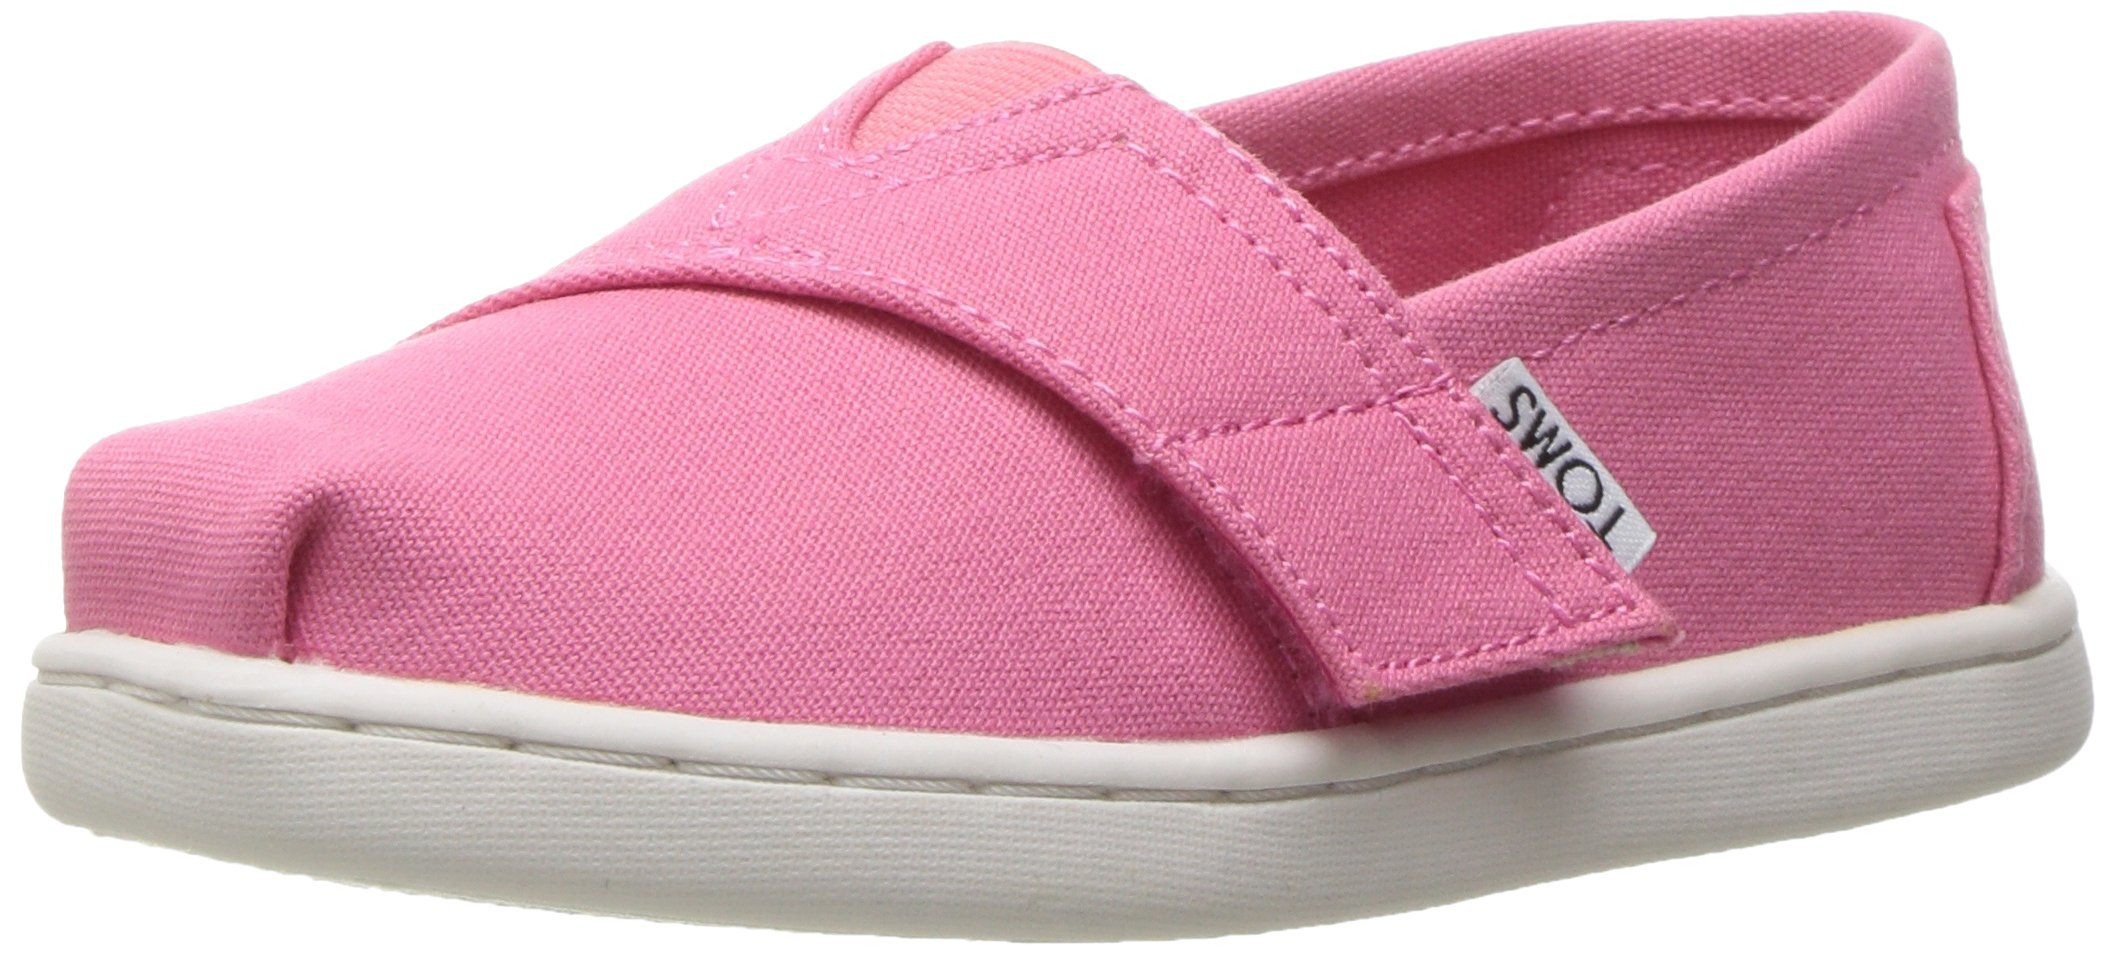 TOMS Girls' 10009918 Alpargata-K, Pink 11 M US Toddler